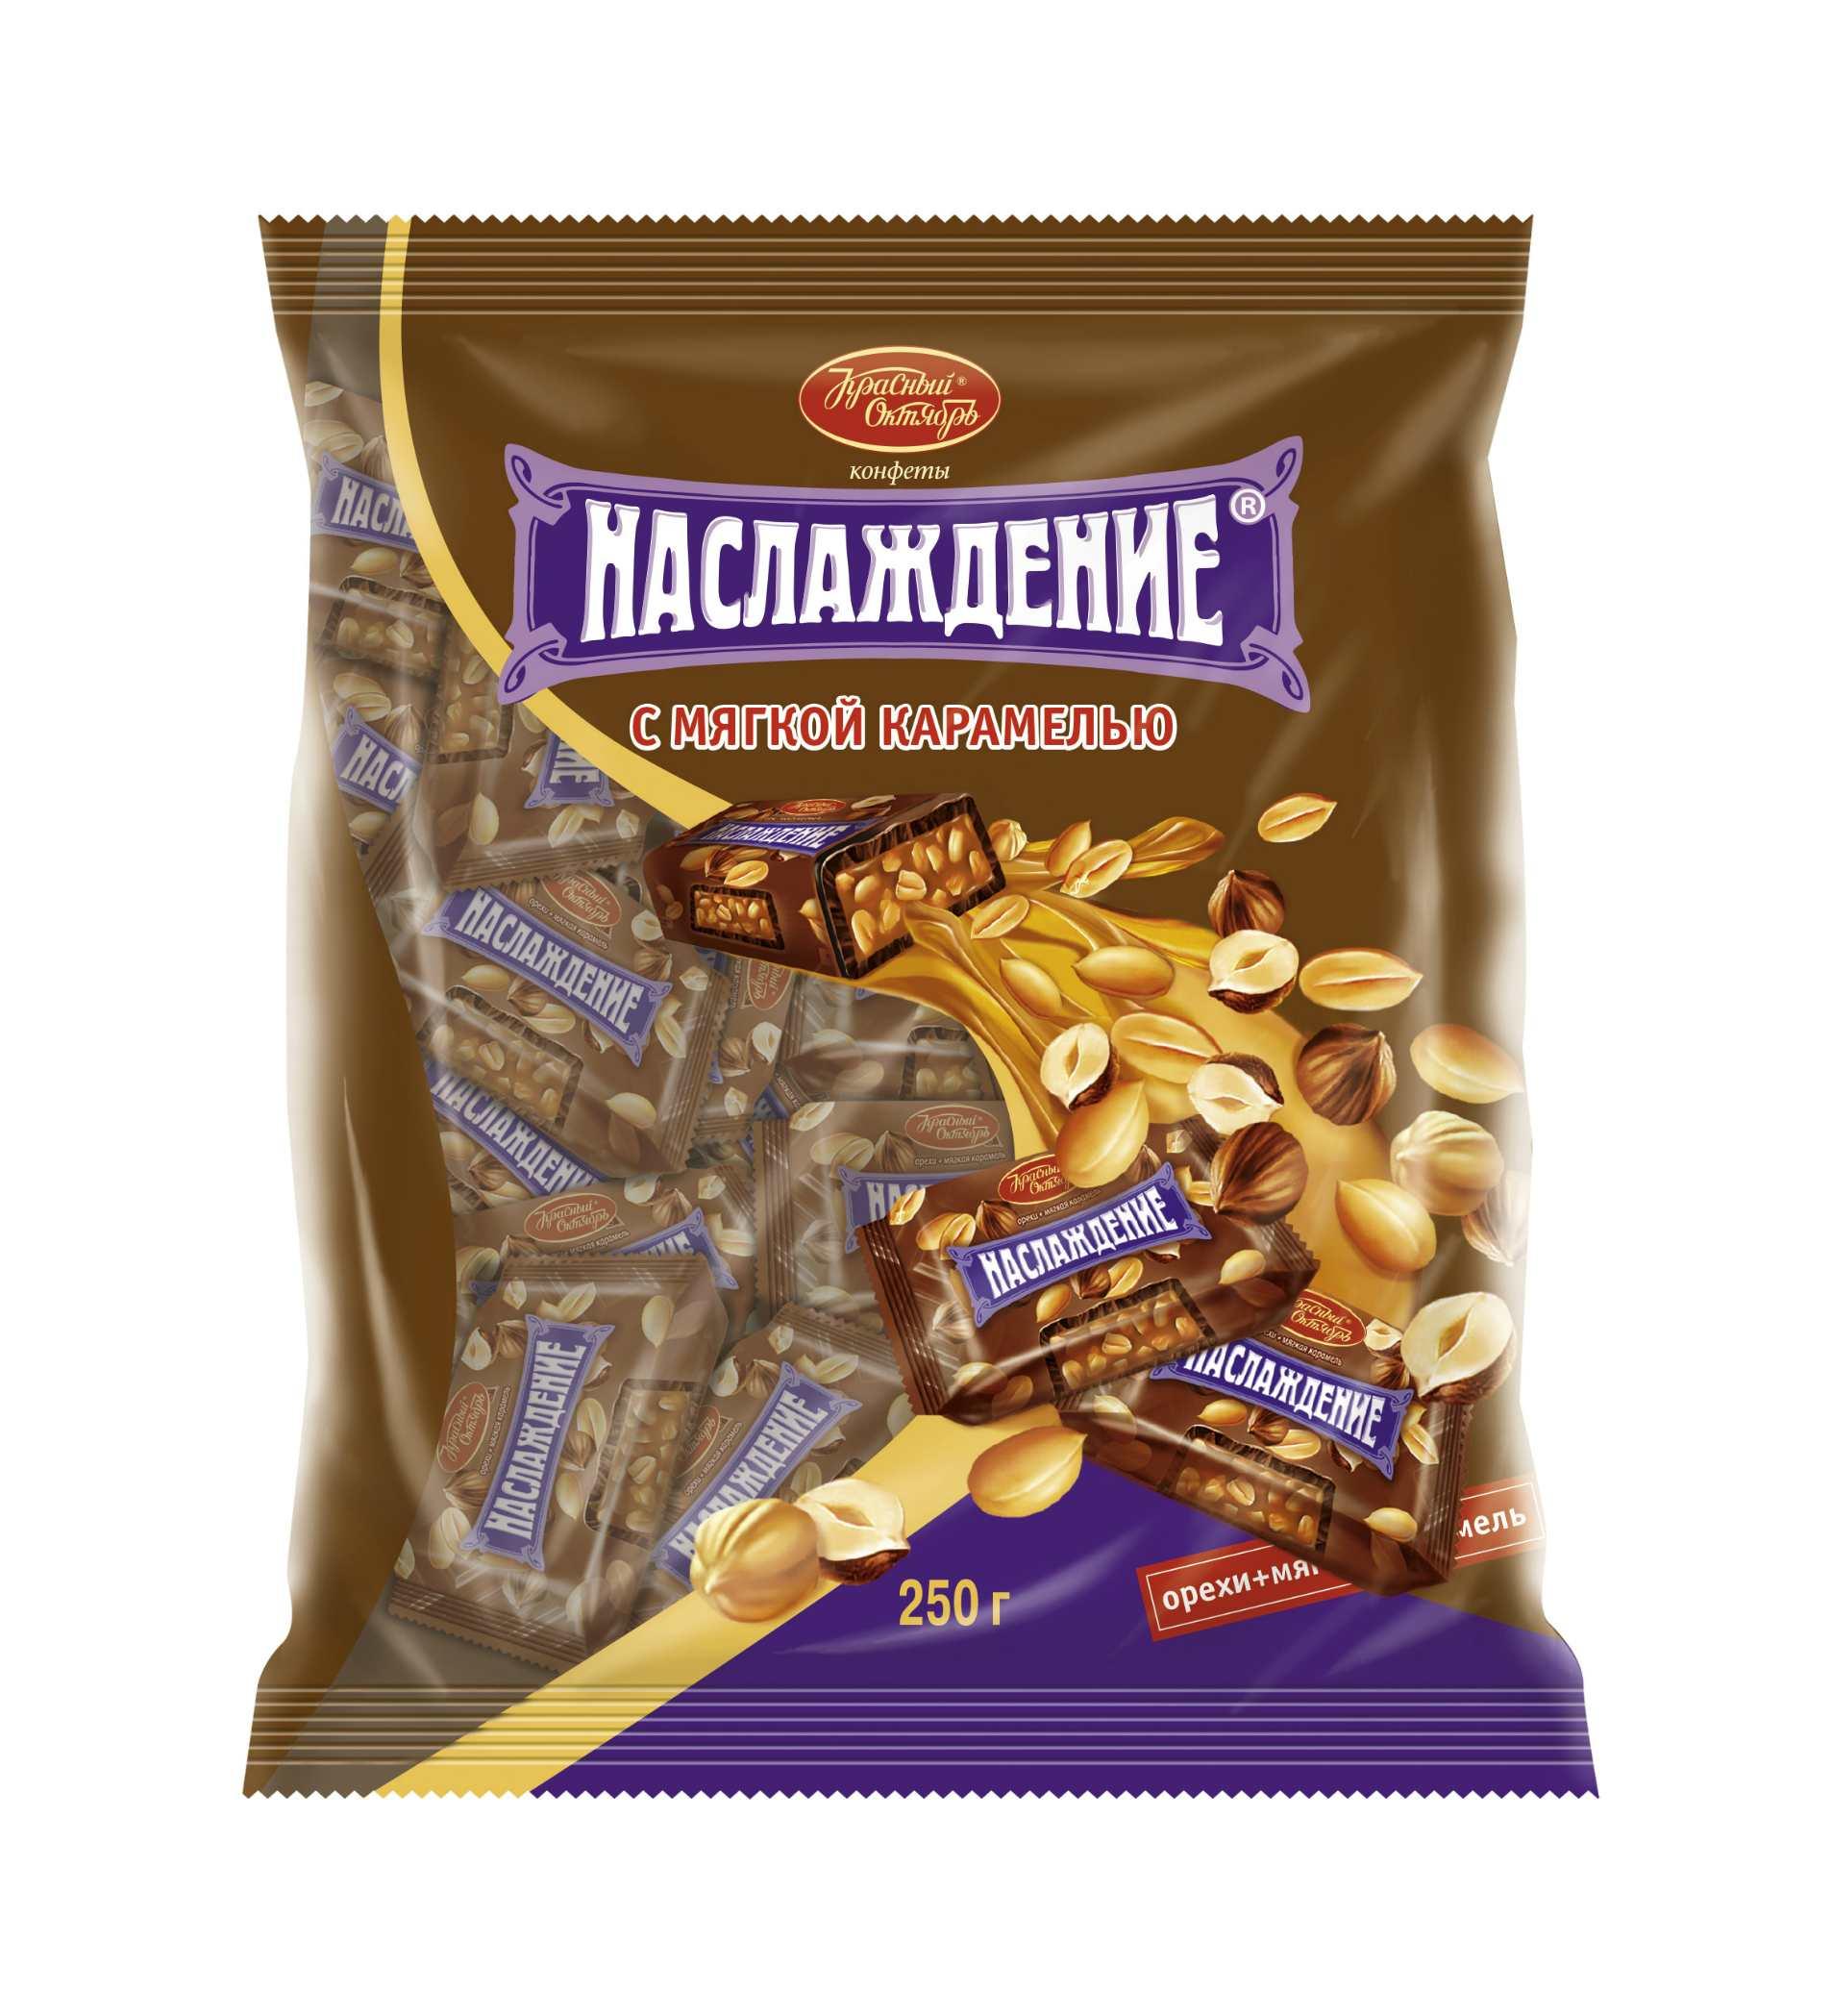 Бабаевский Конфеты Наслаждение с мягкой карамелью Бабаевский недорого